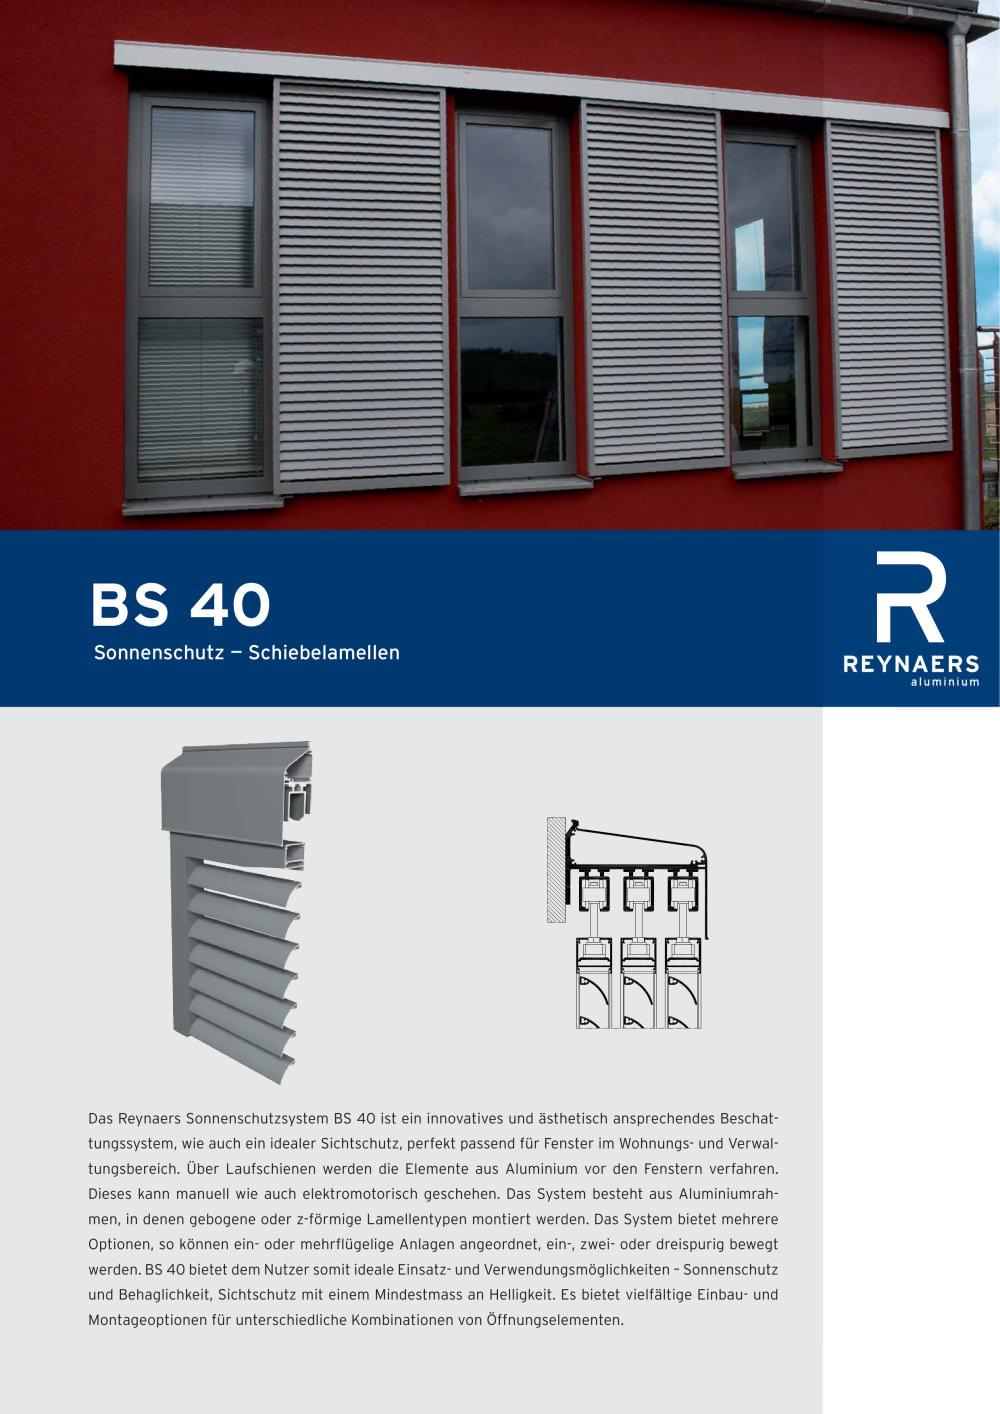 Fnster Aluminium Tr. Full Size Of Mira Holz Aluminium Fenster Tr